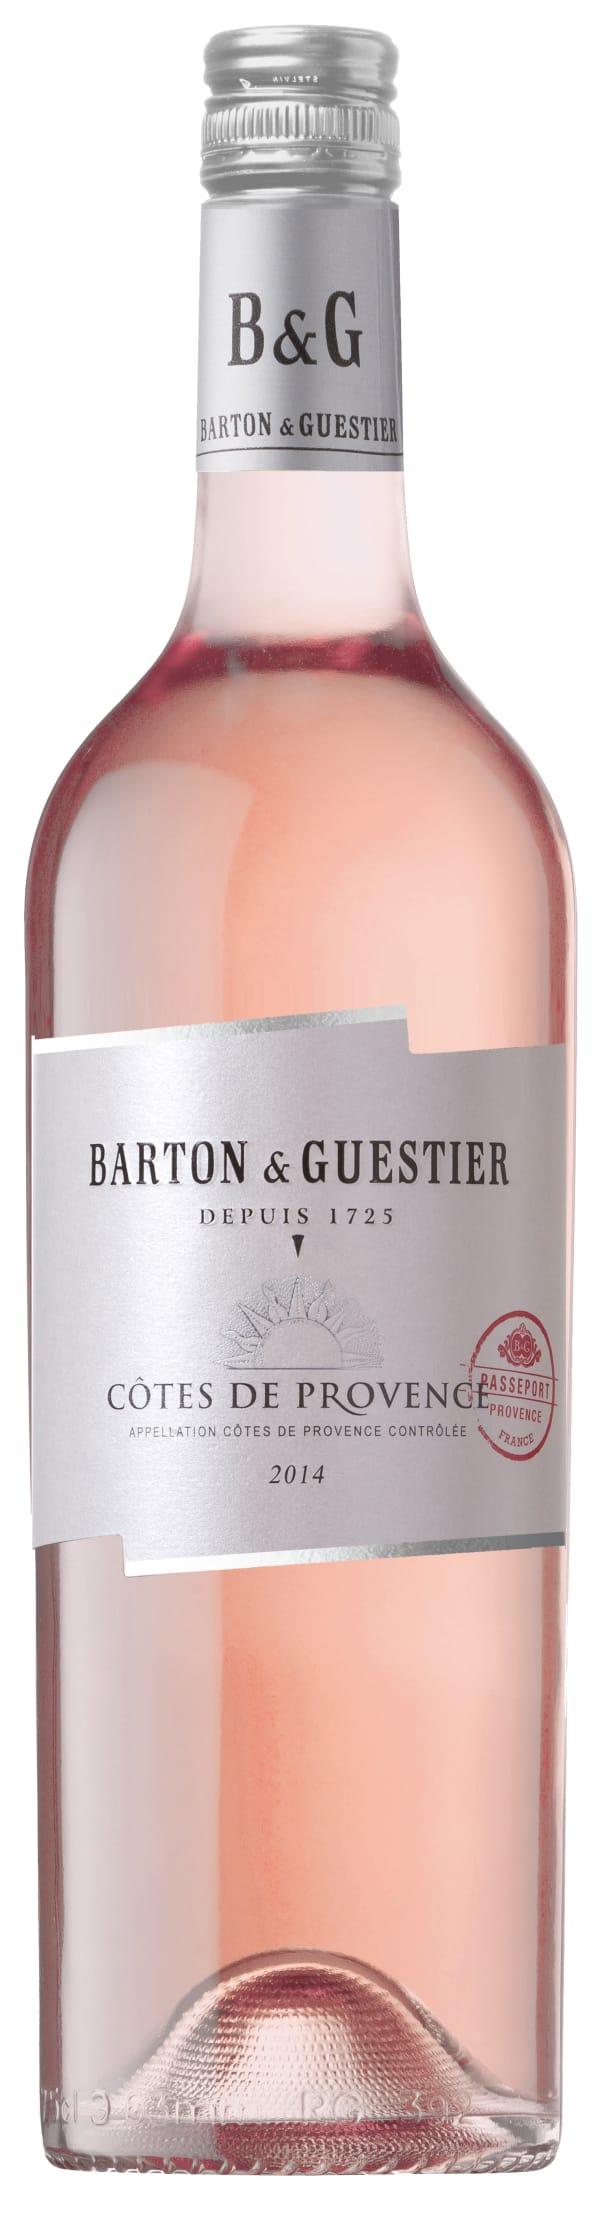 Barton & Guestier Rosé 2020